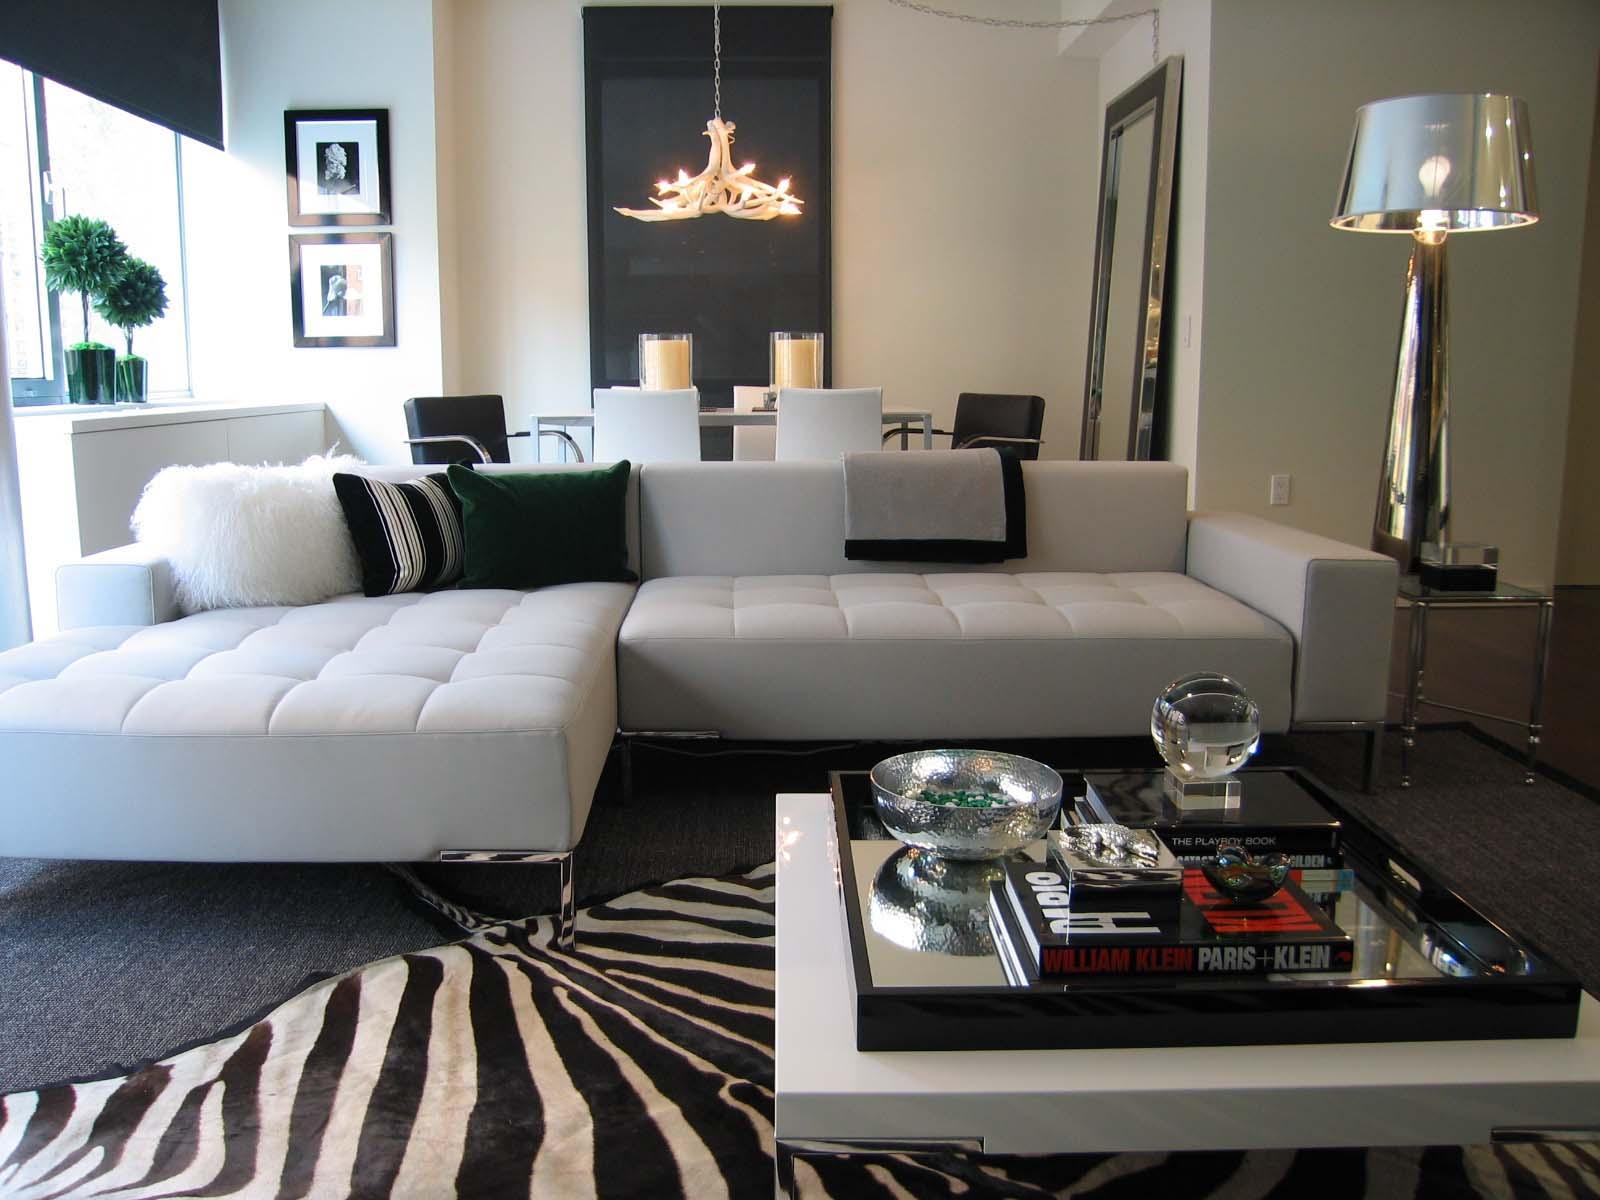 Modern Living Room with Zebra Carpet